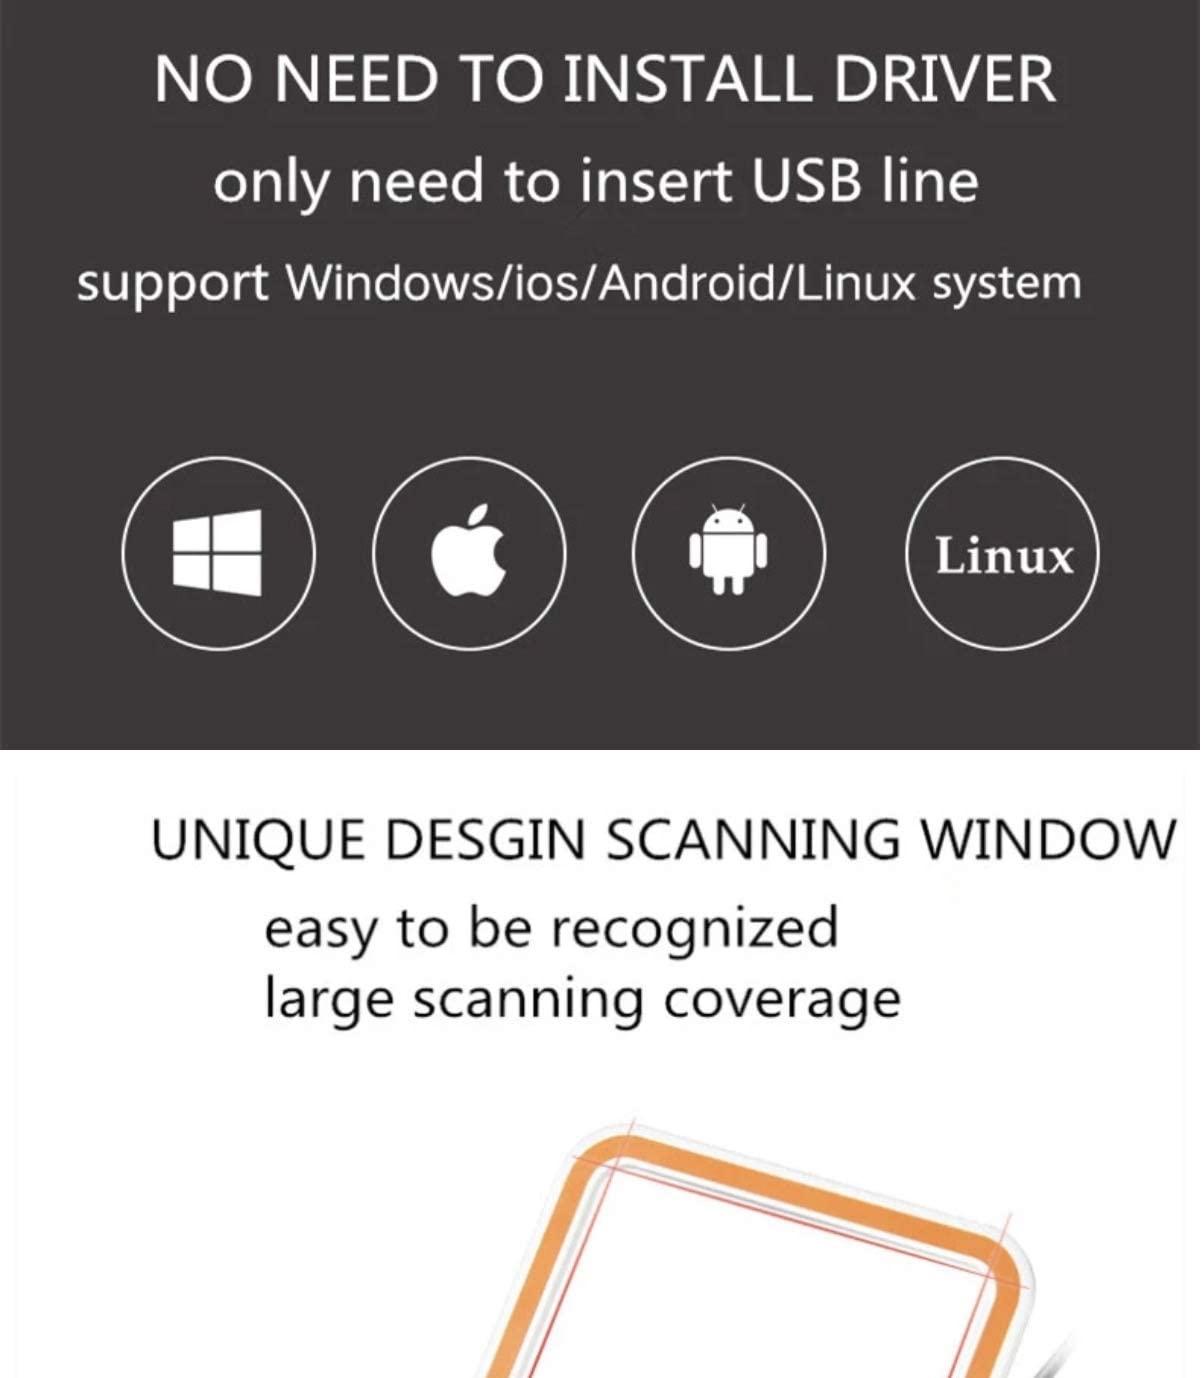 Leitor de Código de Barras SunMI Blink USB